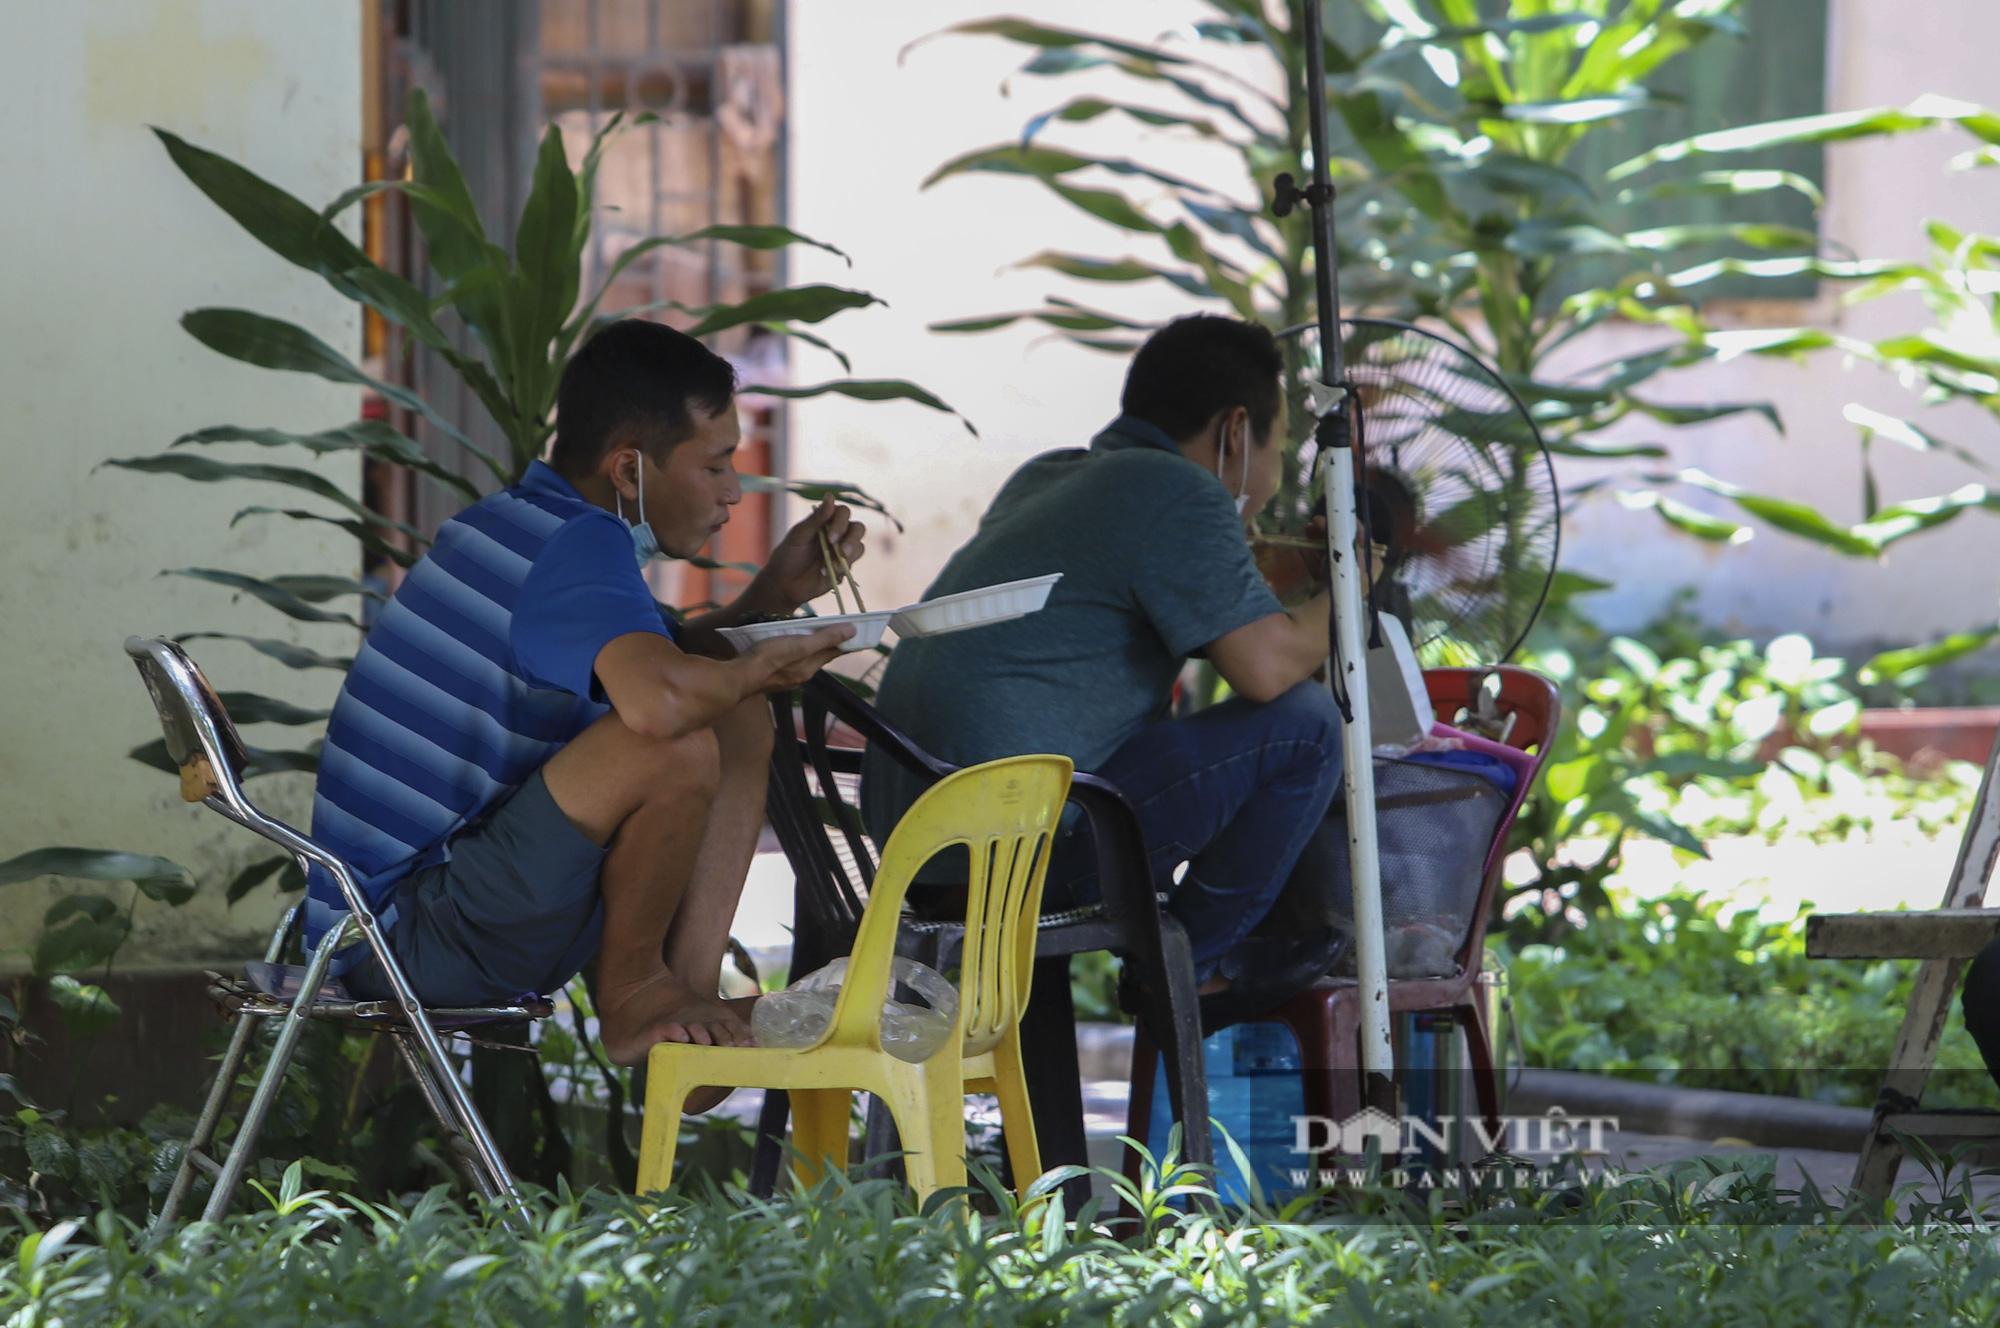 Dịch Covid-19: Nắng nóng, người dân mang cơm ra công viên, gầm cầu để ăn - Ảnh 3.